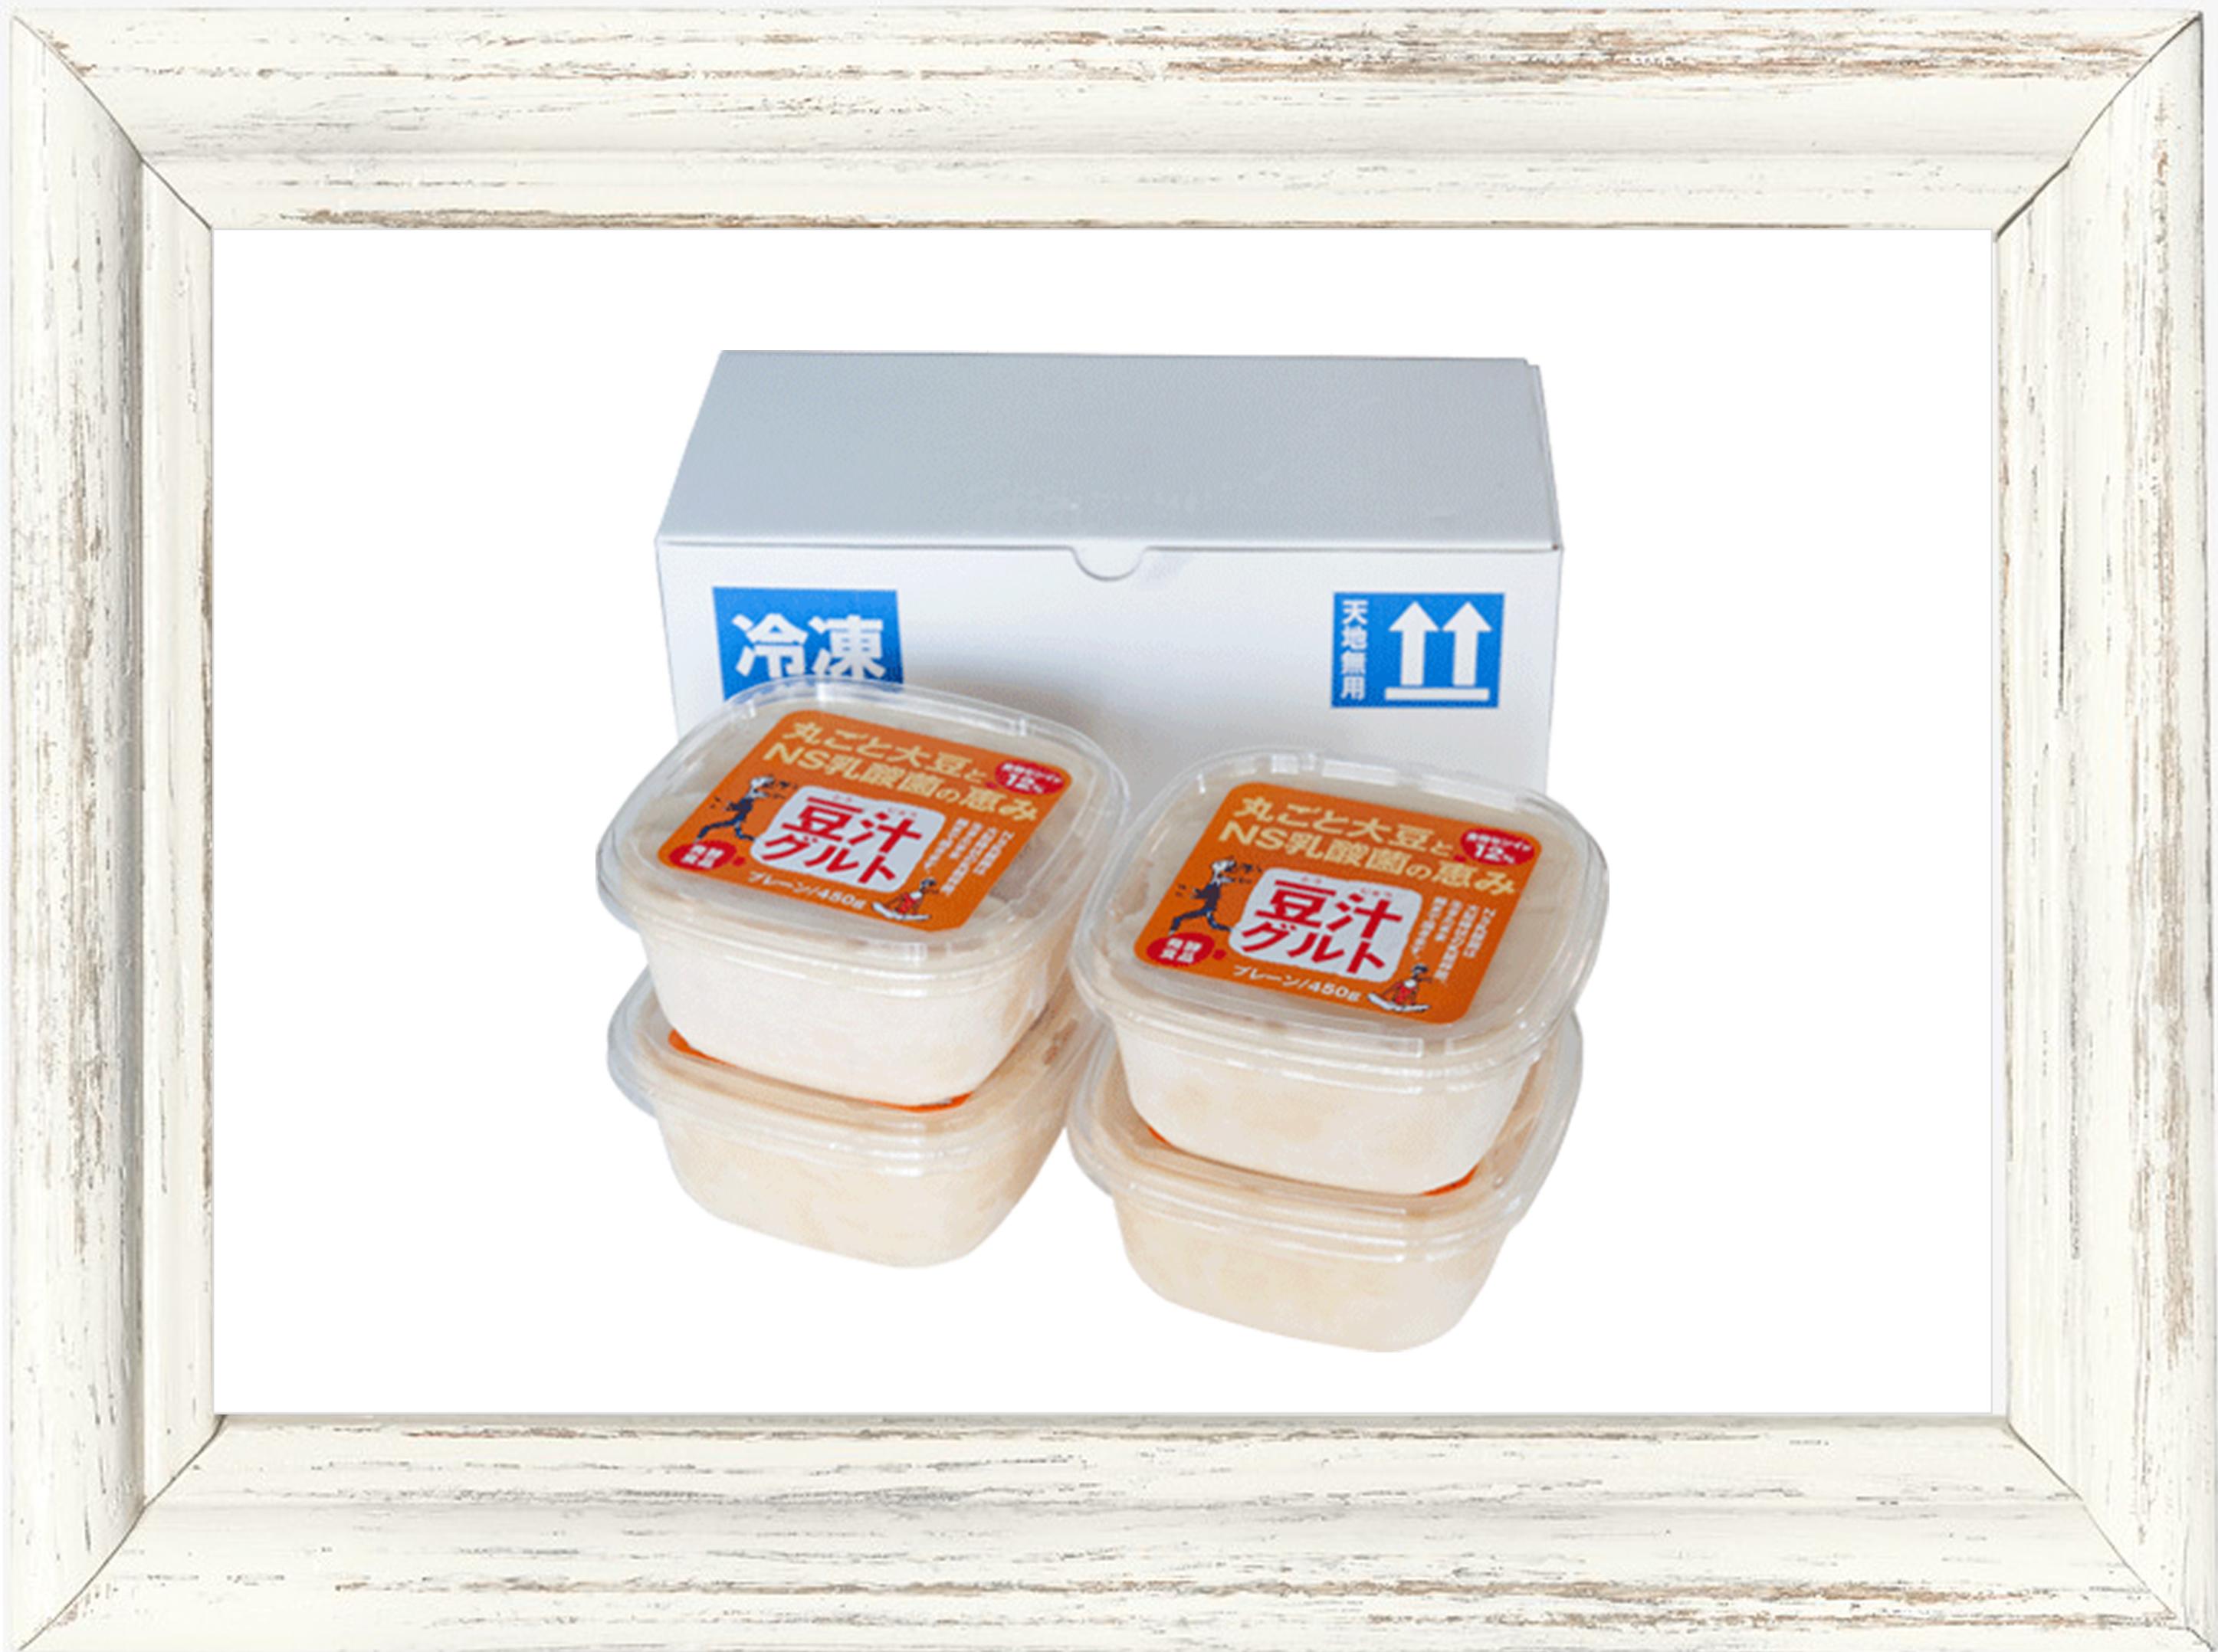 〈農家直送/冷蔵〉発酵食品▶︎植物乳酸菌/発酵食品 豆汁グルト 450g 4個お買い得セット